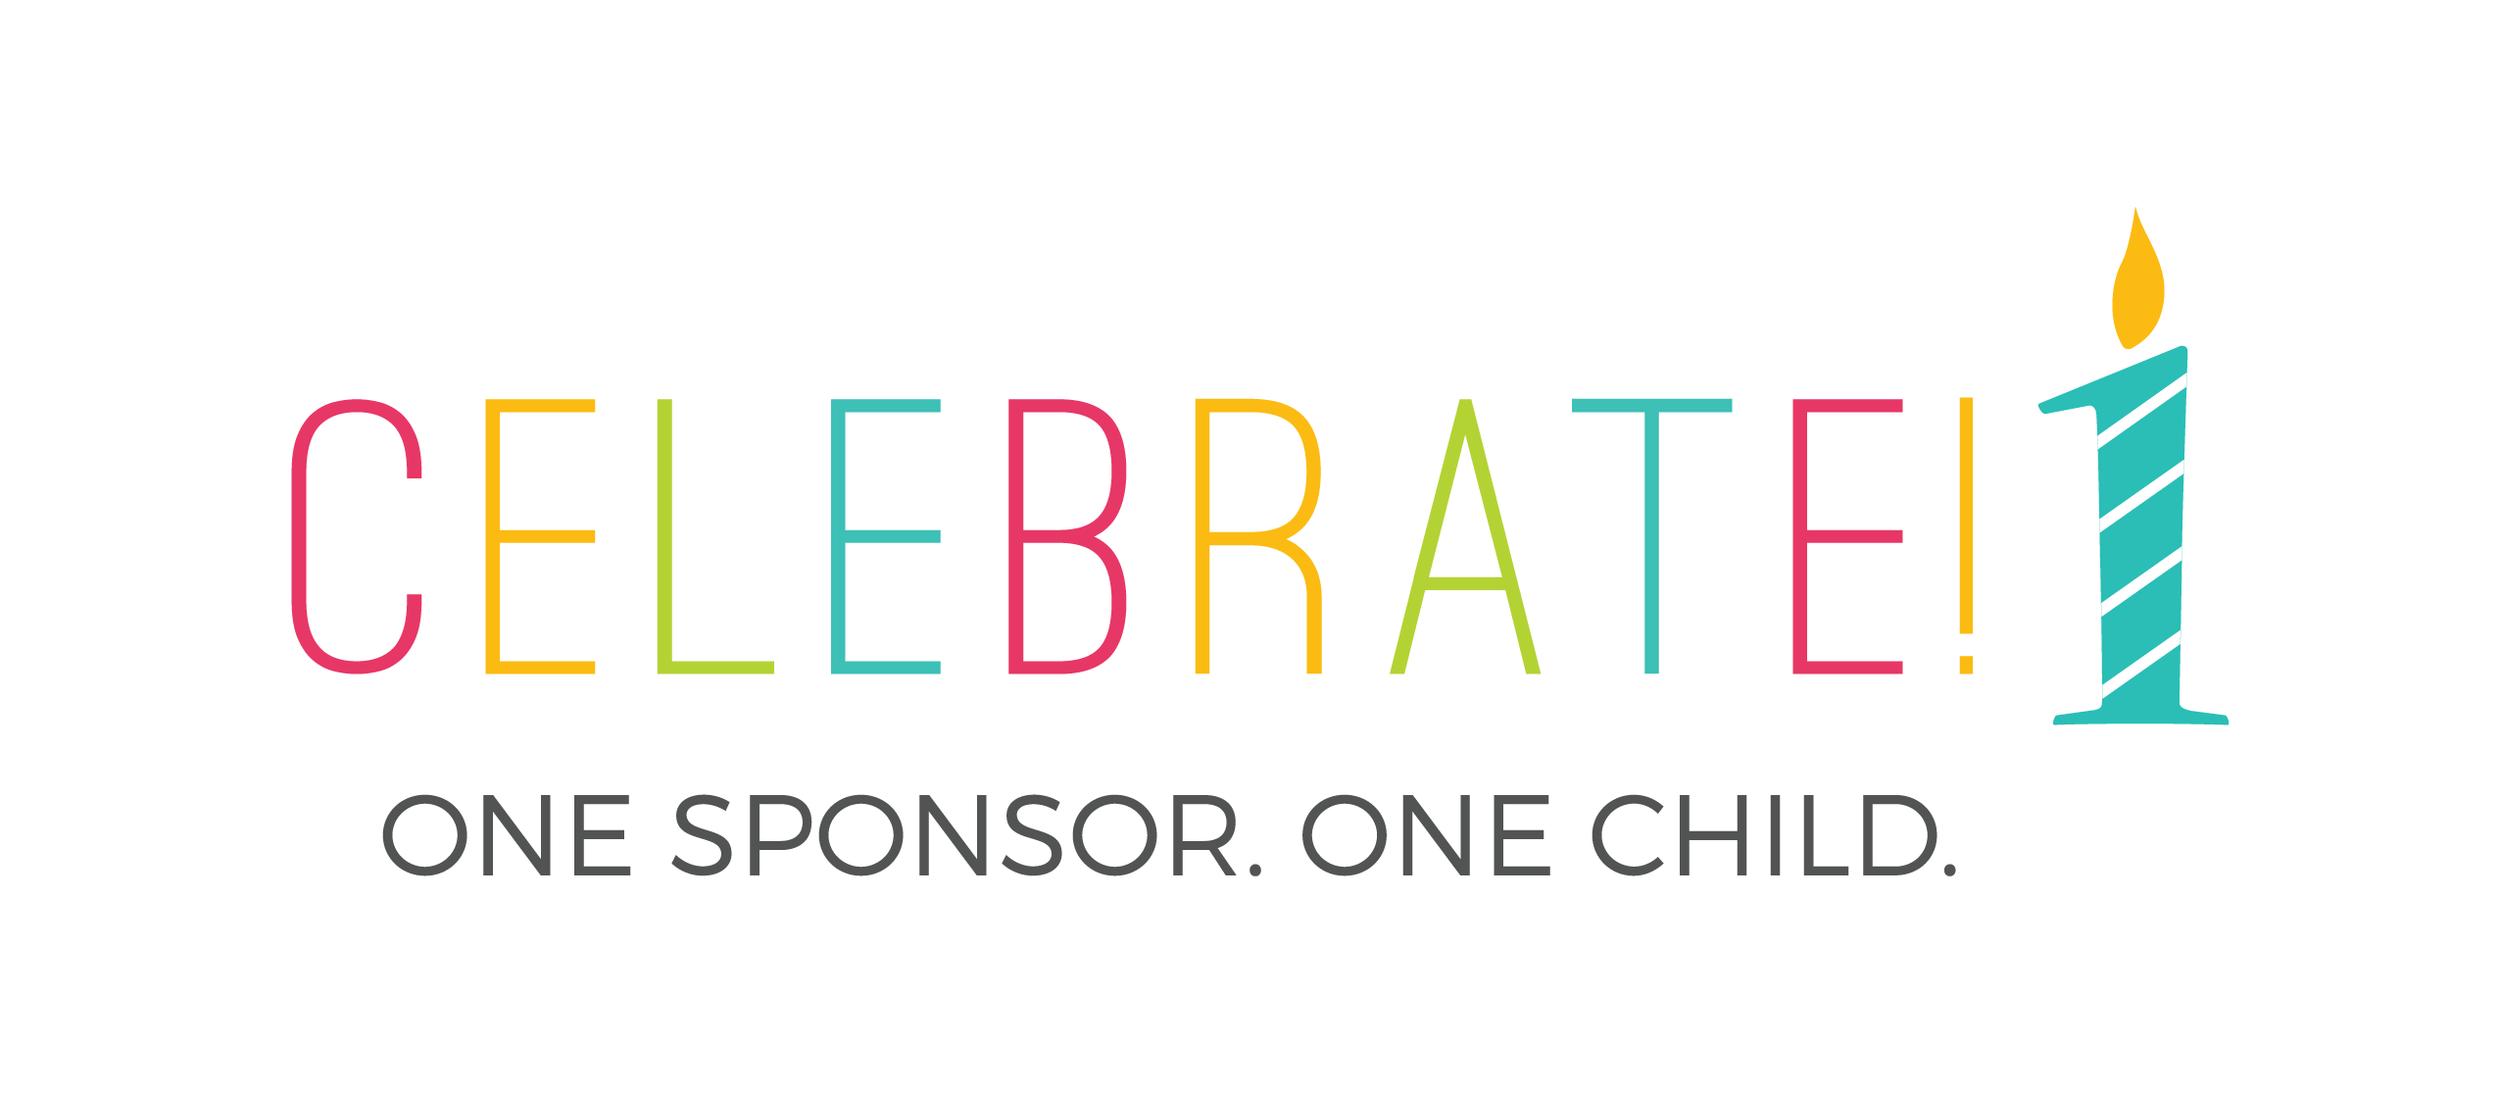 CelebrateRVA_BaleenDesign_Celebrate1_logo-13.png